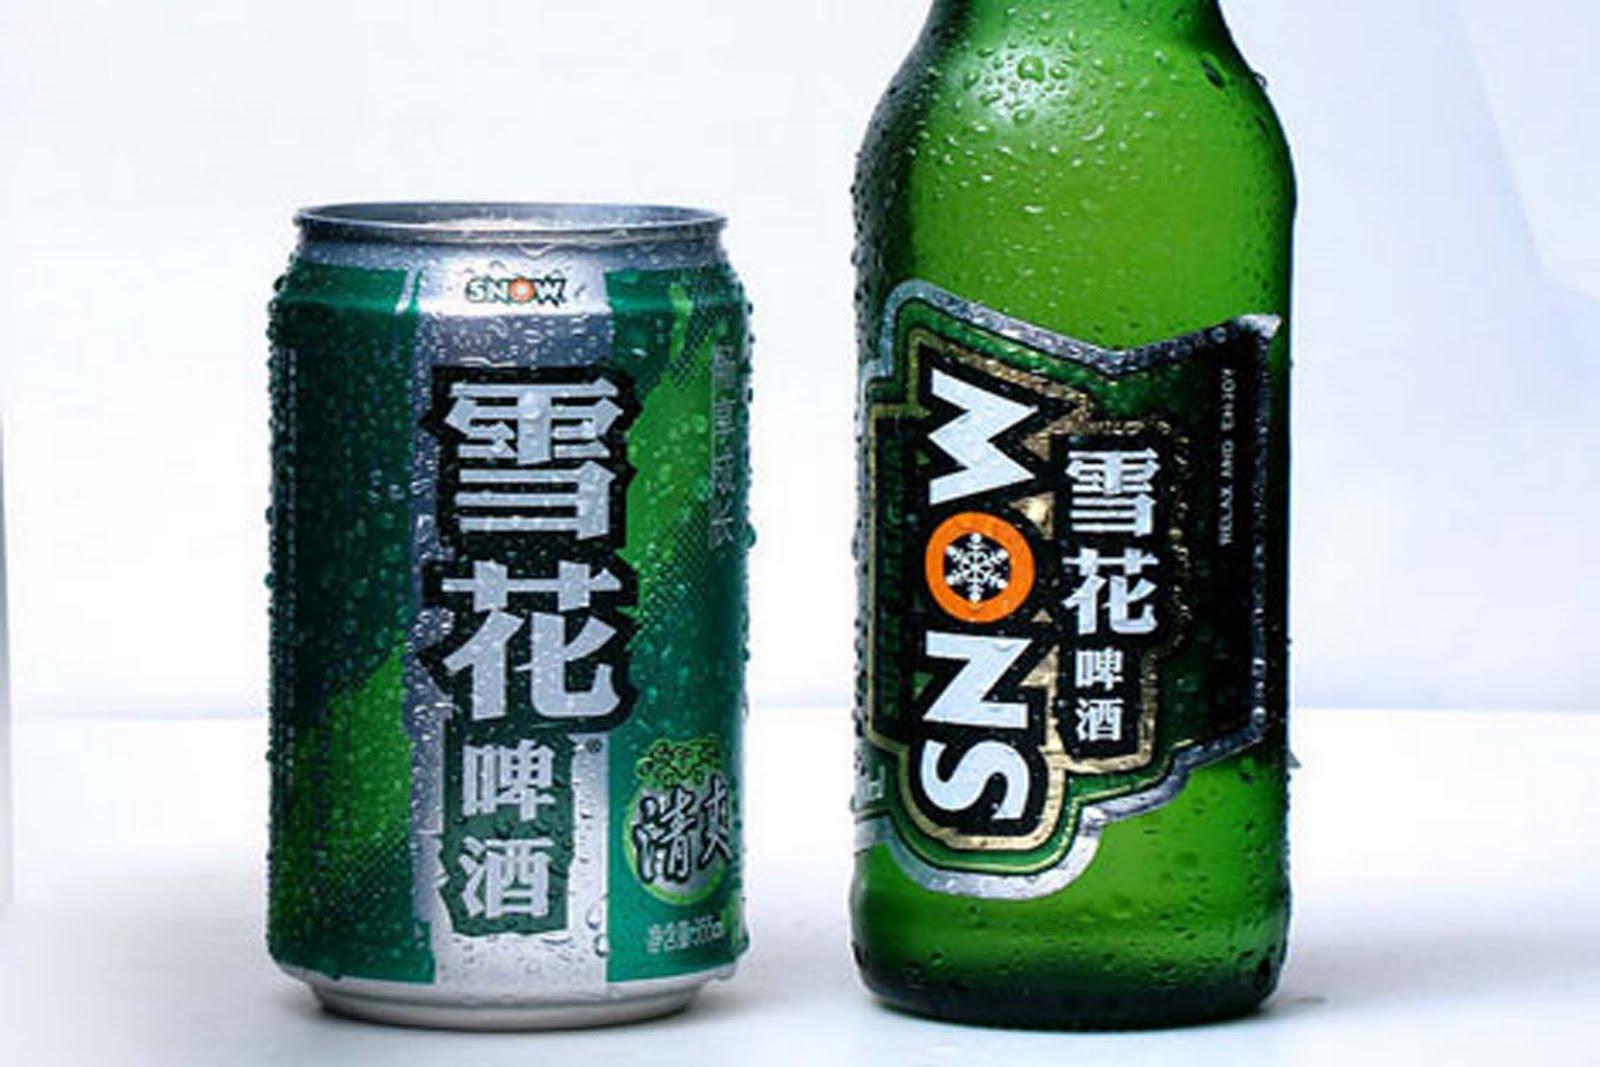 Snow, la cerveza más vendida del mundo